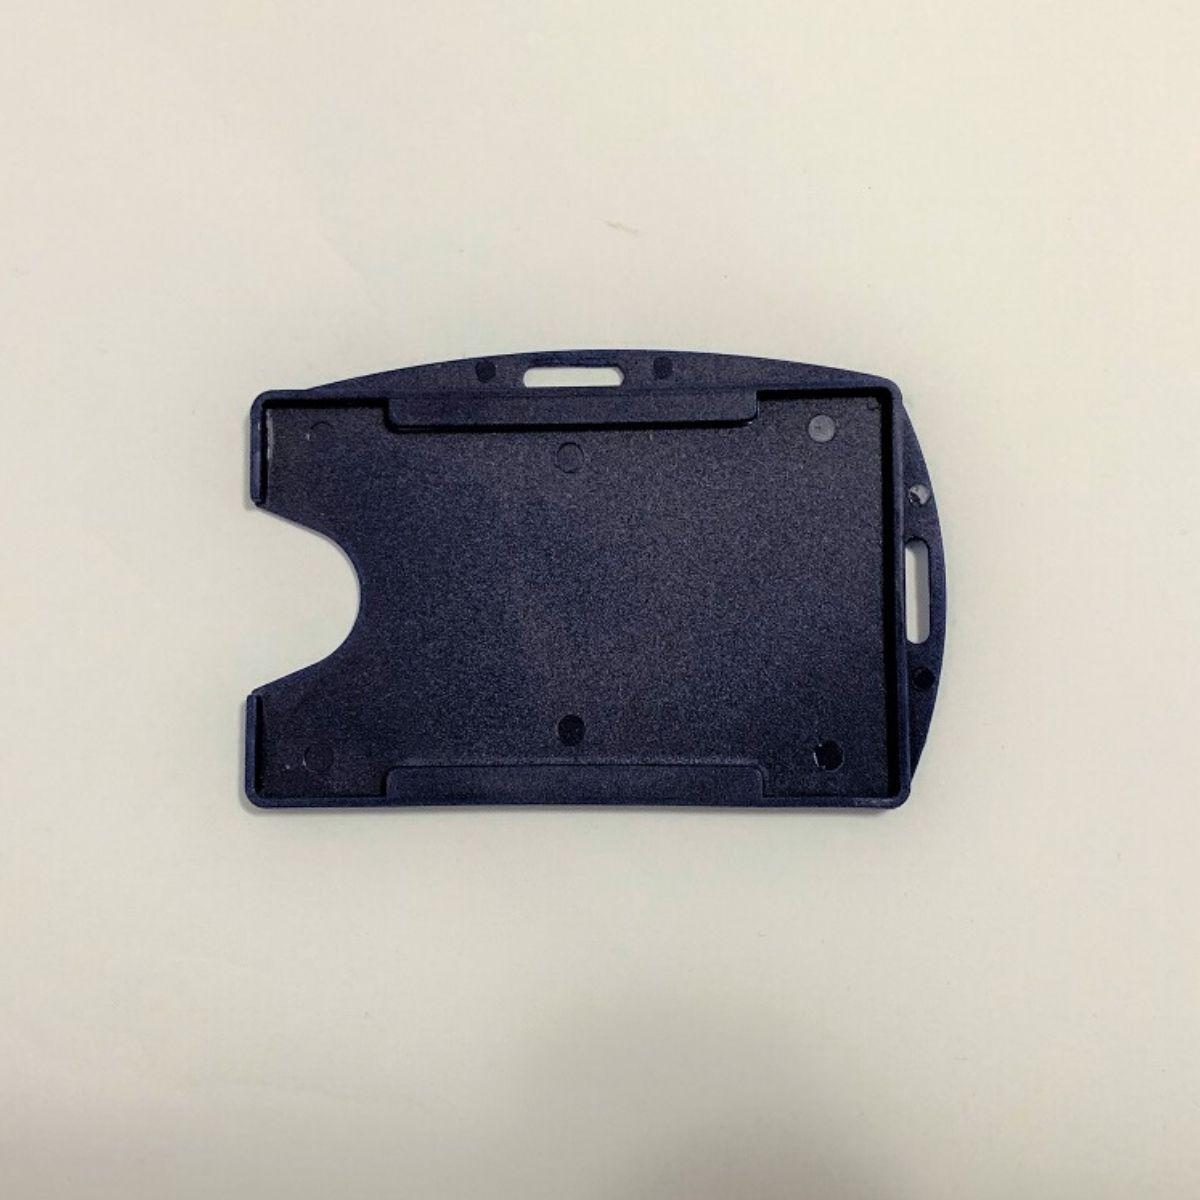 Porta Crachá Rígido M3 Conjugado Azul Marinho - Caixa com 100 unidades  - Click Suprimentos